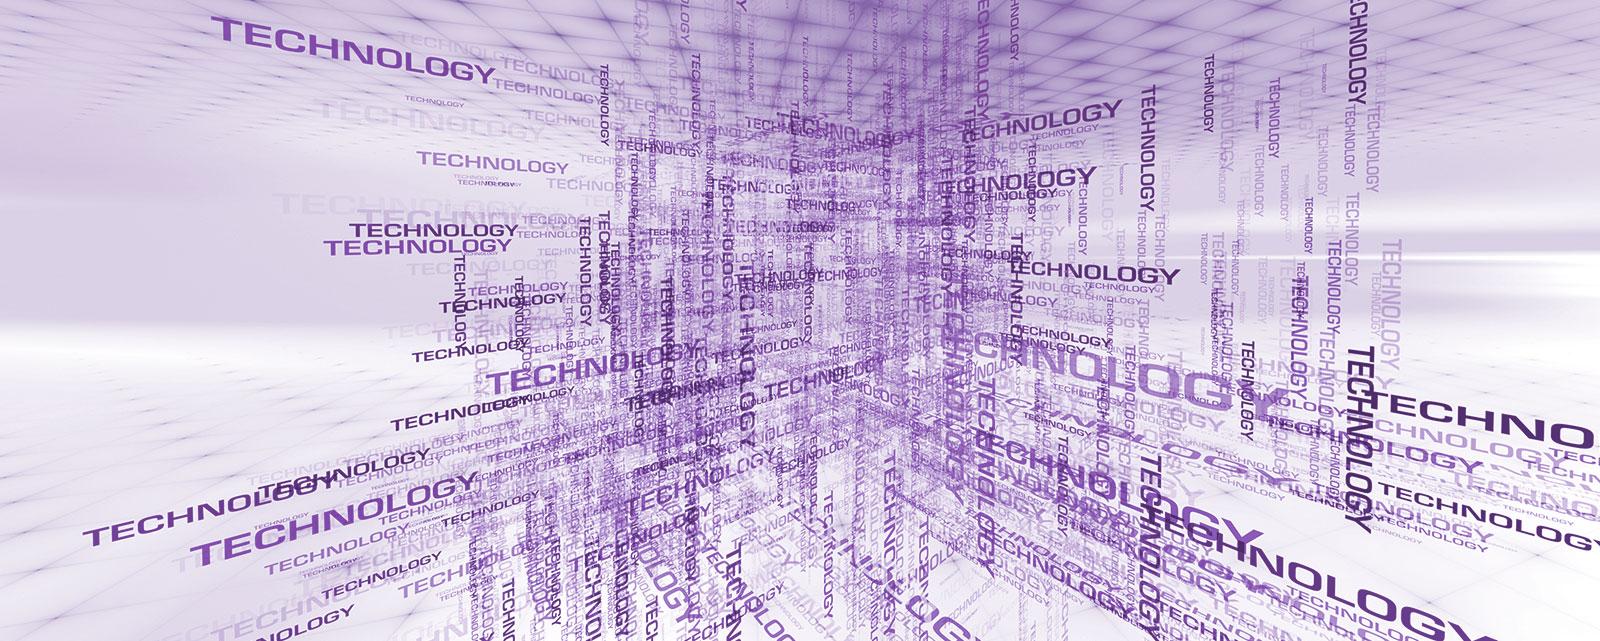 technology-banner